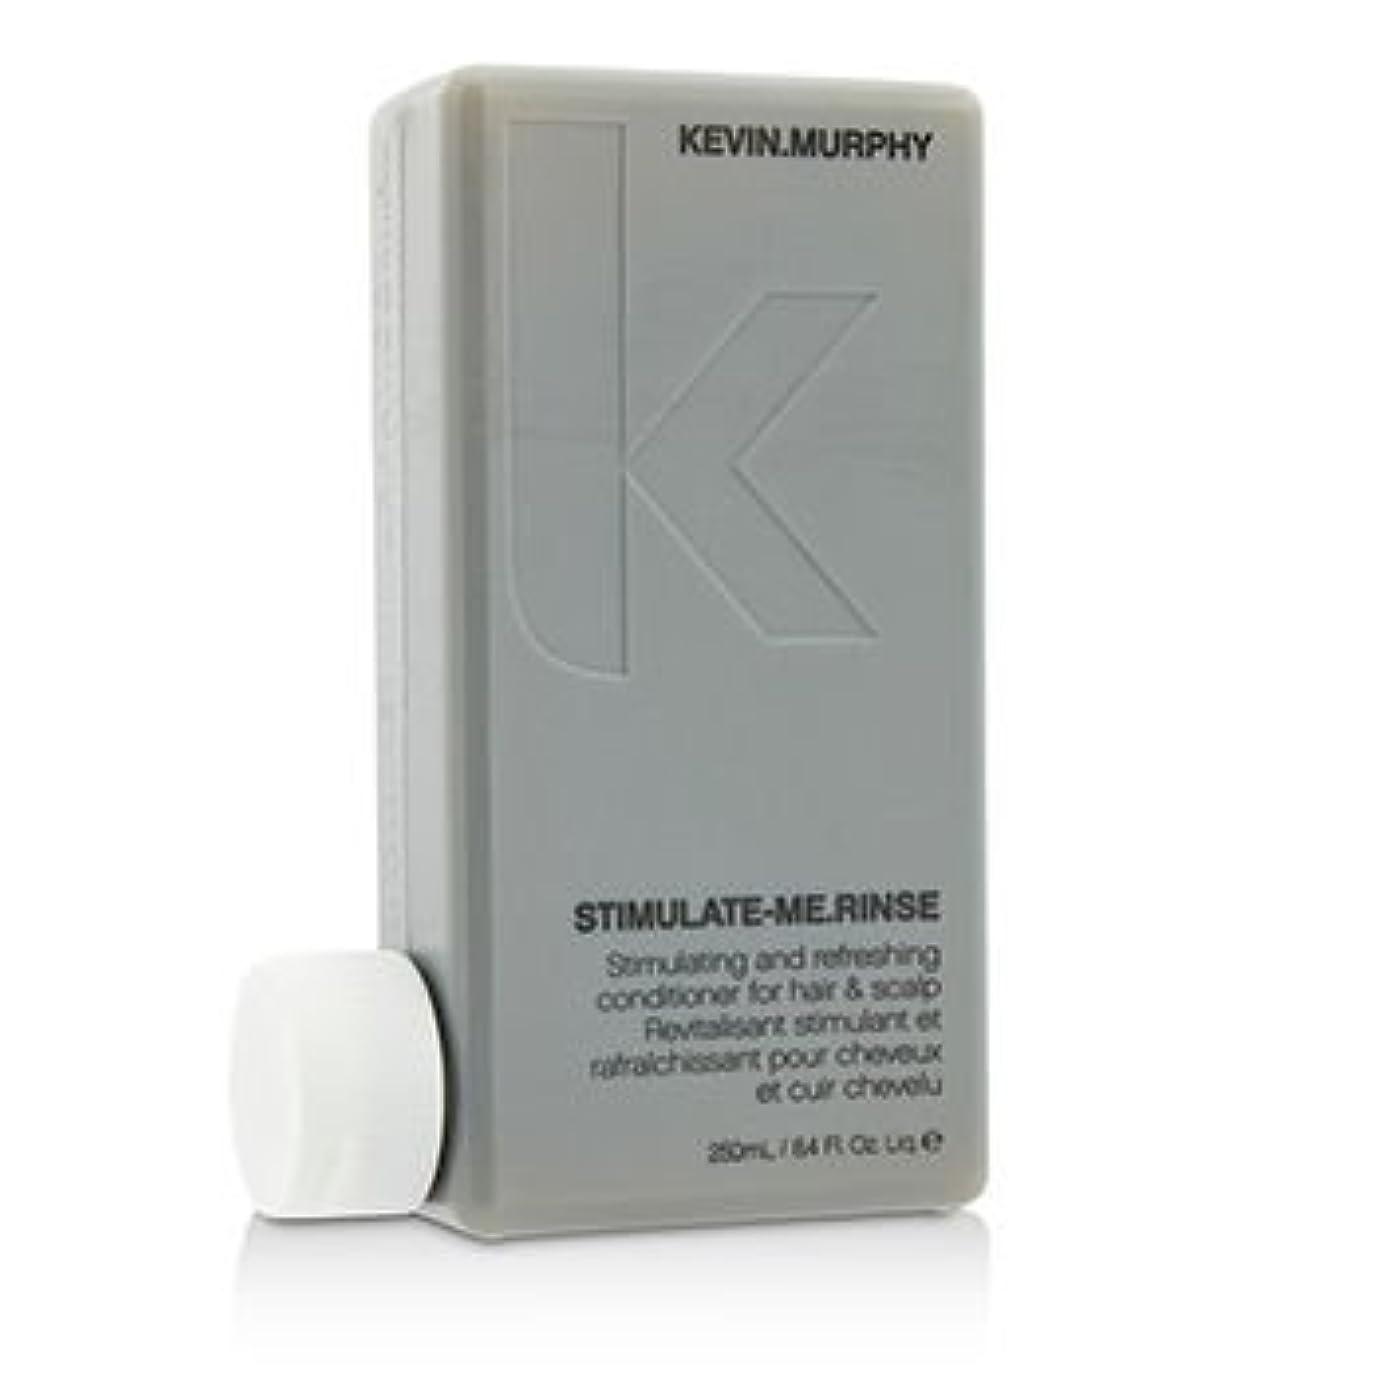 錫システム初期の[Kevin.Murphy] Stimulate-Me.Rinse (Stimulating and Refreshing Conditioner - For Hair & Scalp) 250ml/8.4oz